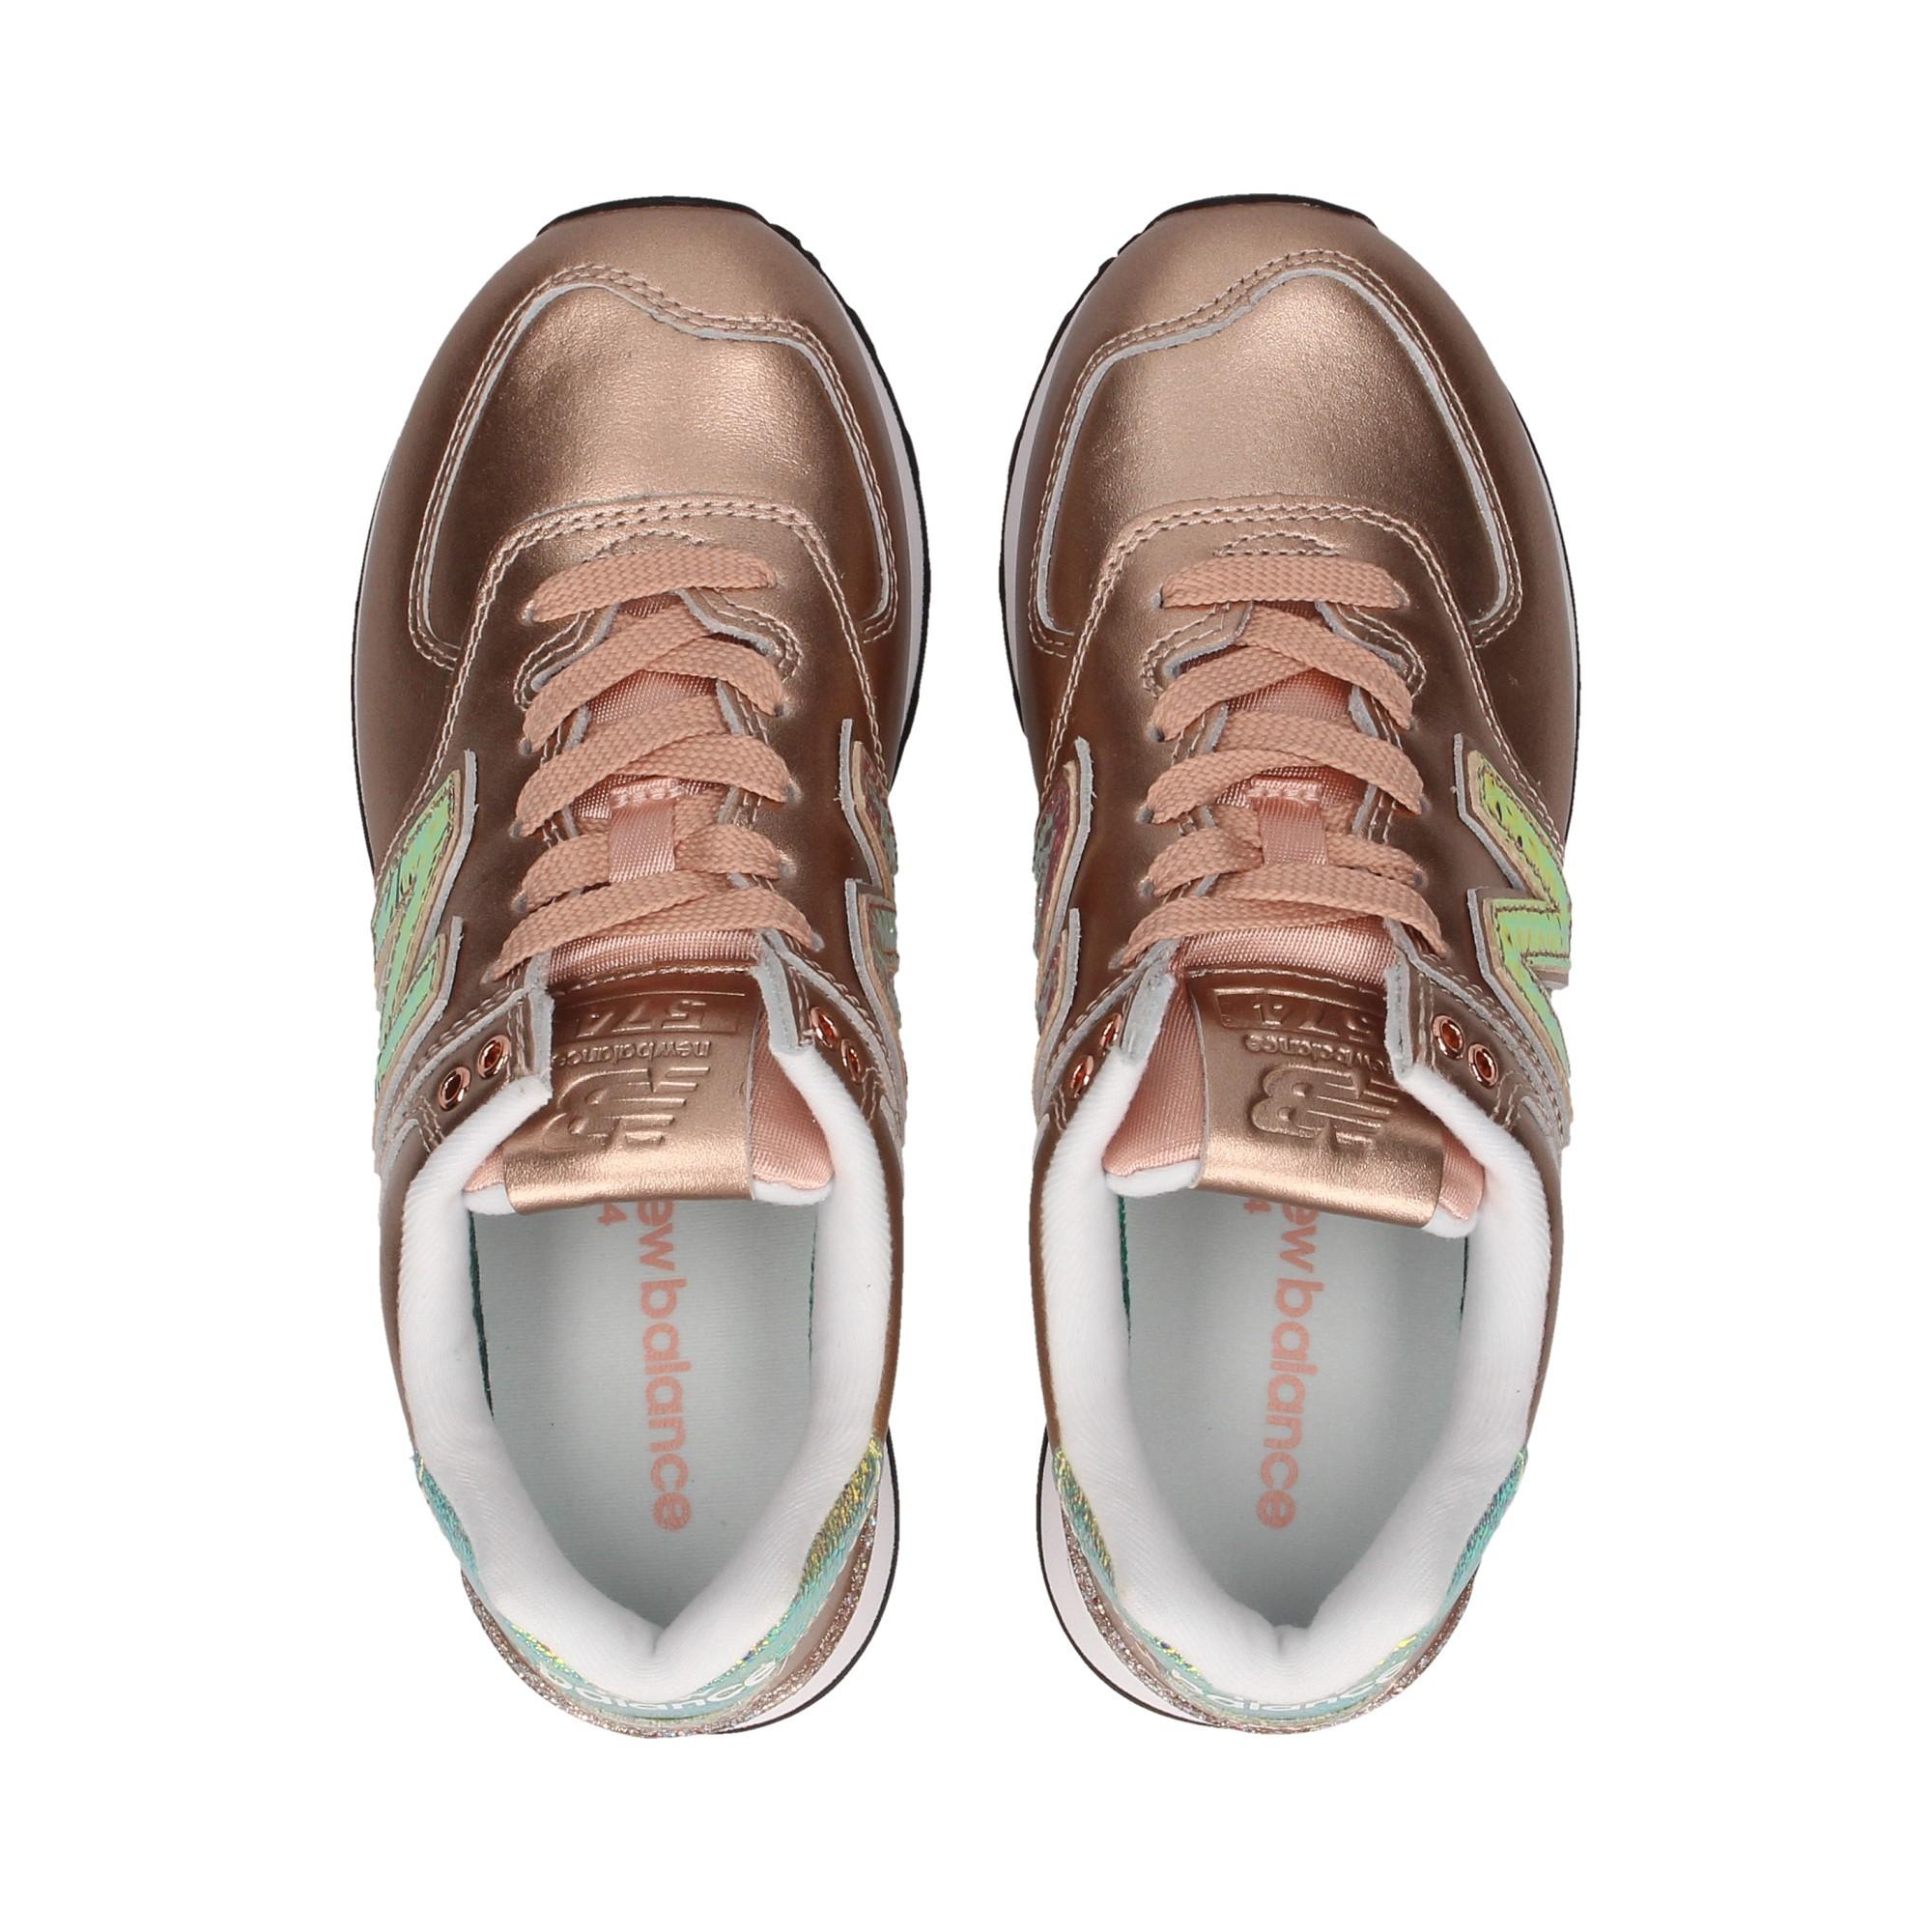 new balance 574 cobre